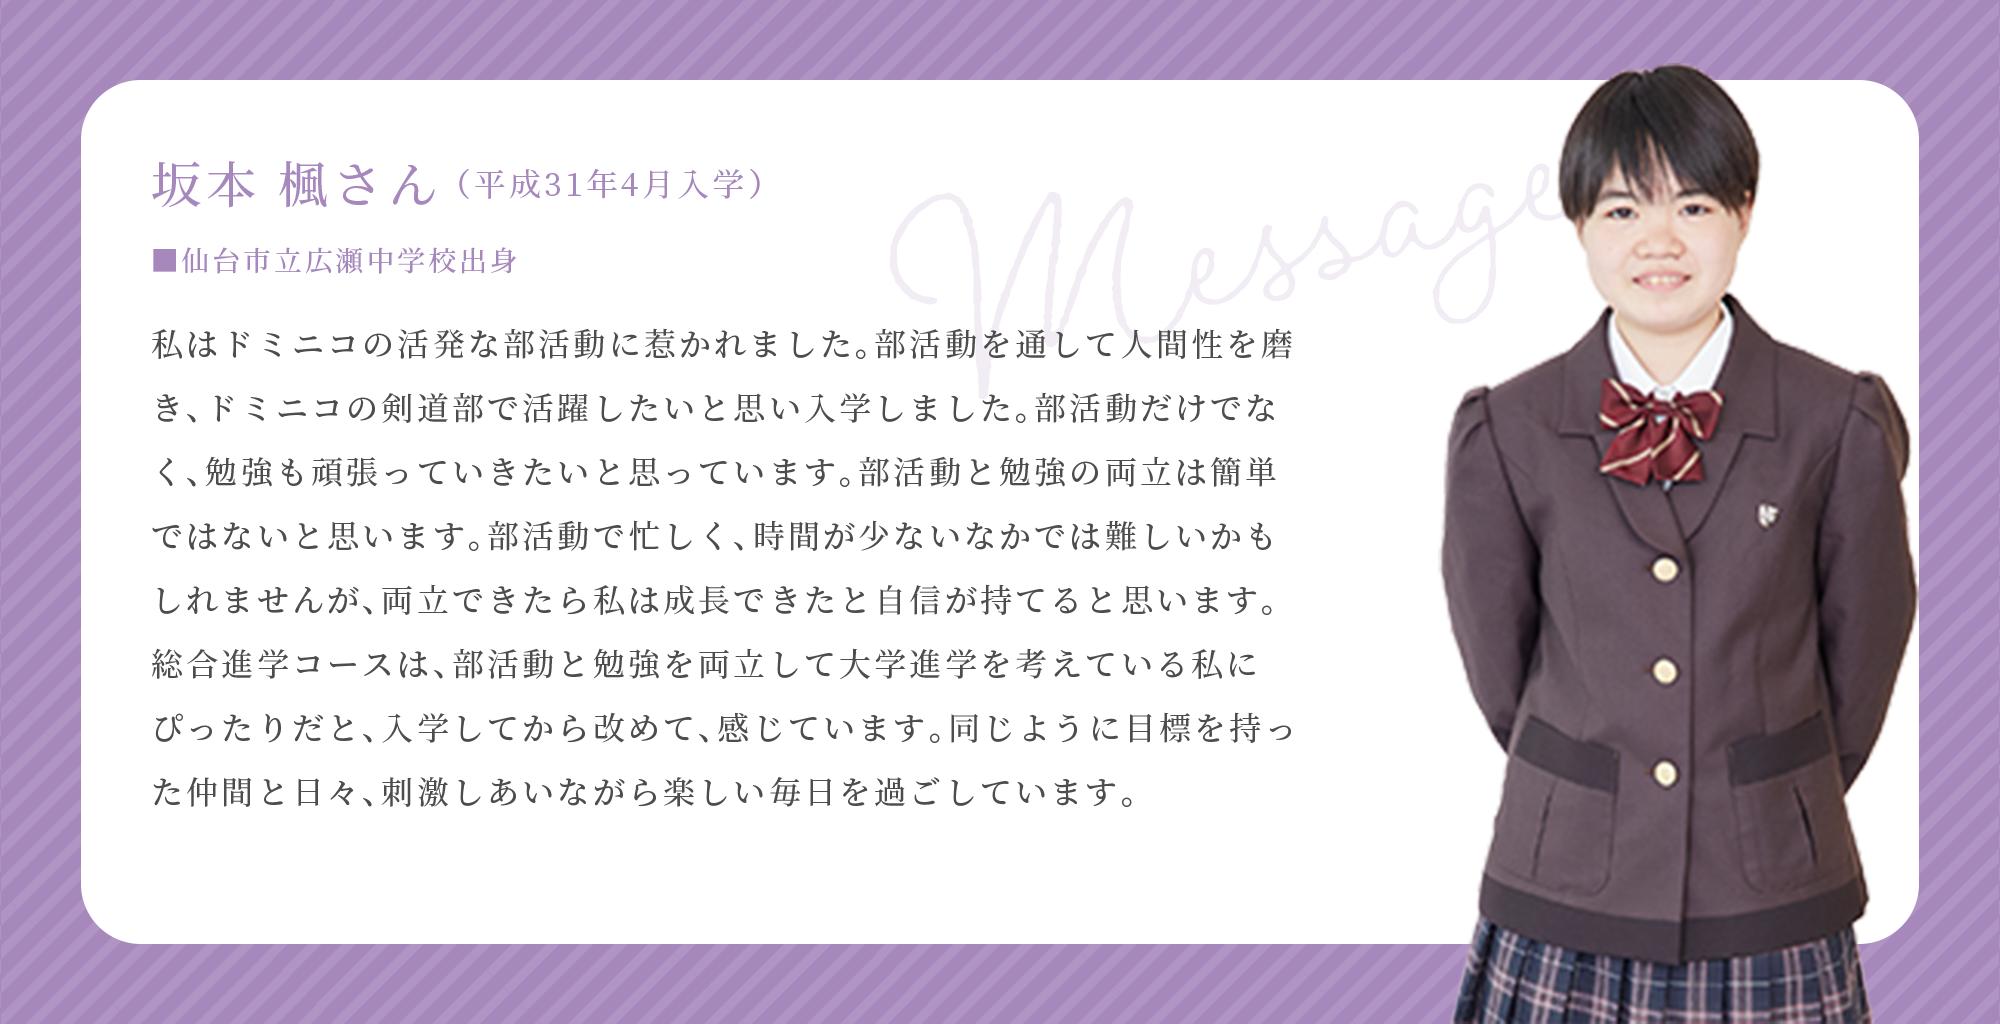 坂本 楓さん (平成31年4月入学)